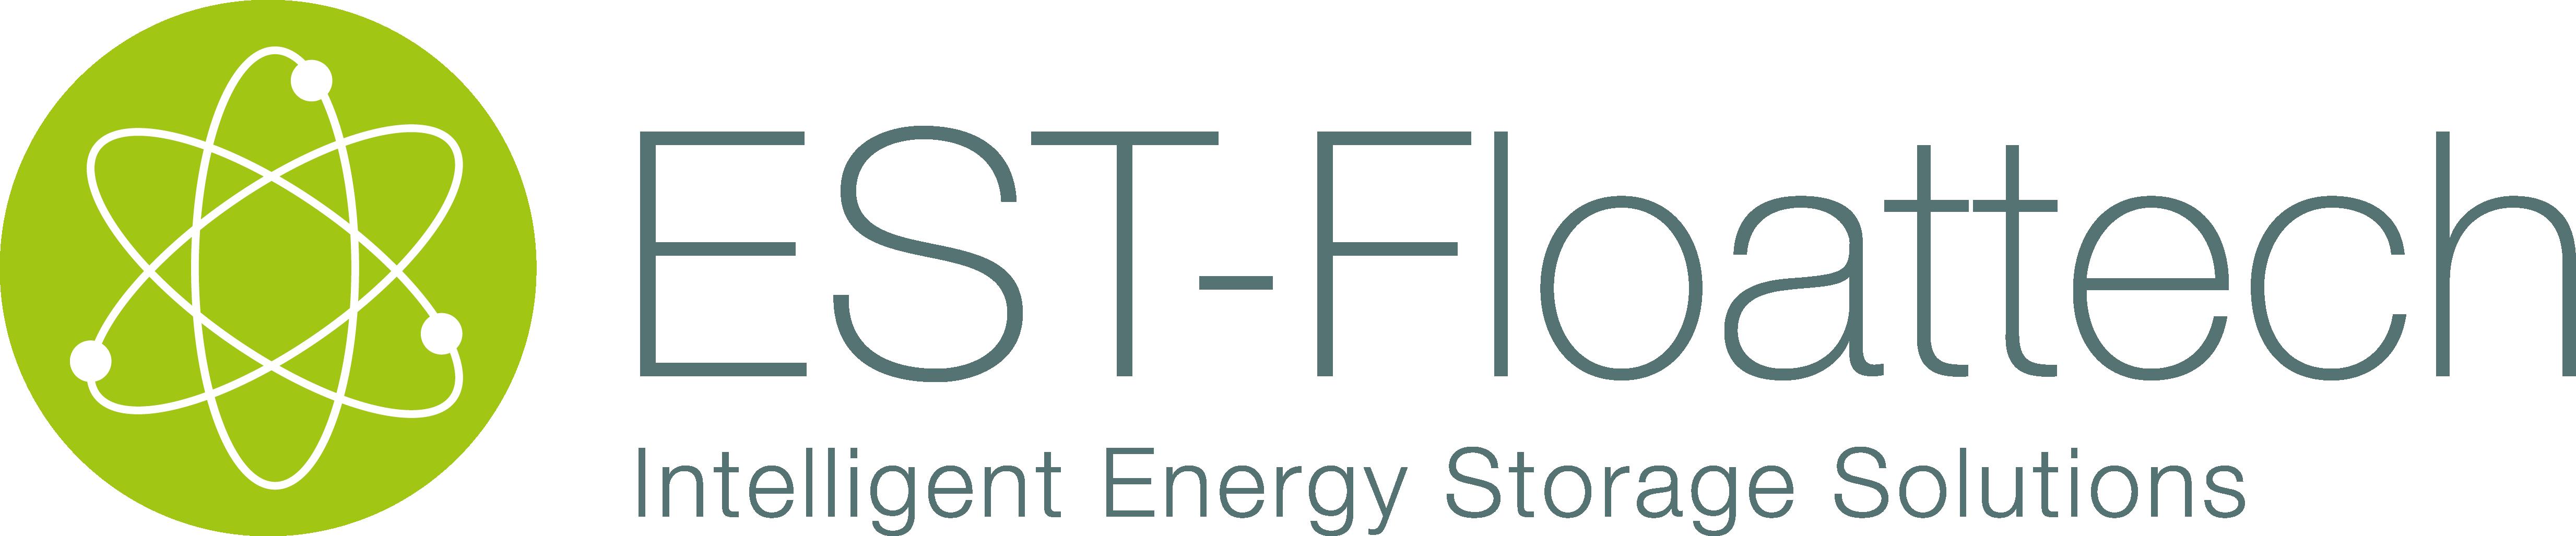 Logo EST Floattech. Een witte achtergrond met een een grote donkere naam en daaronder Intelligent Energy Storage Solutions. Links staat er een groene bol met een molecuul-symbool.